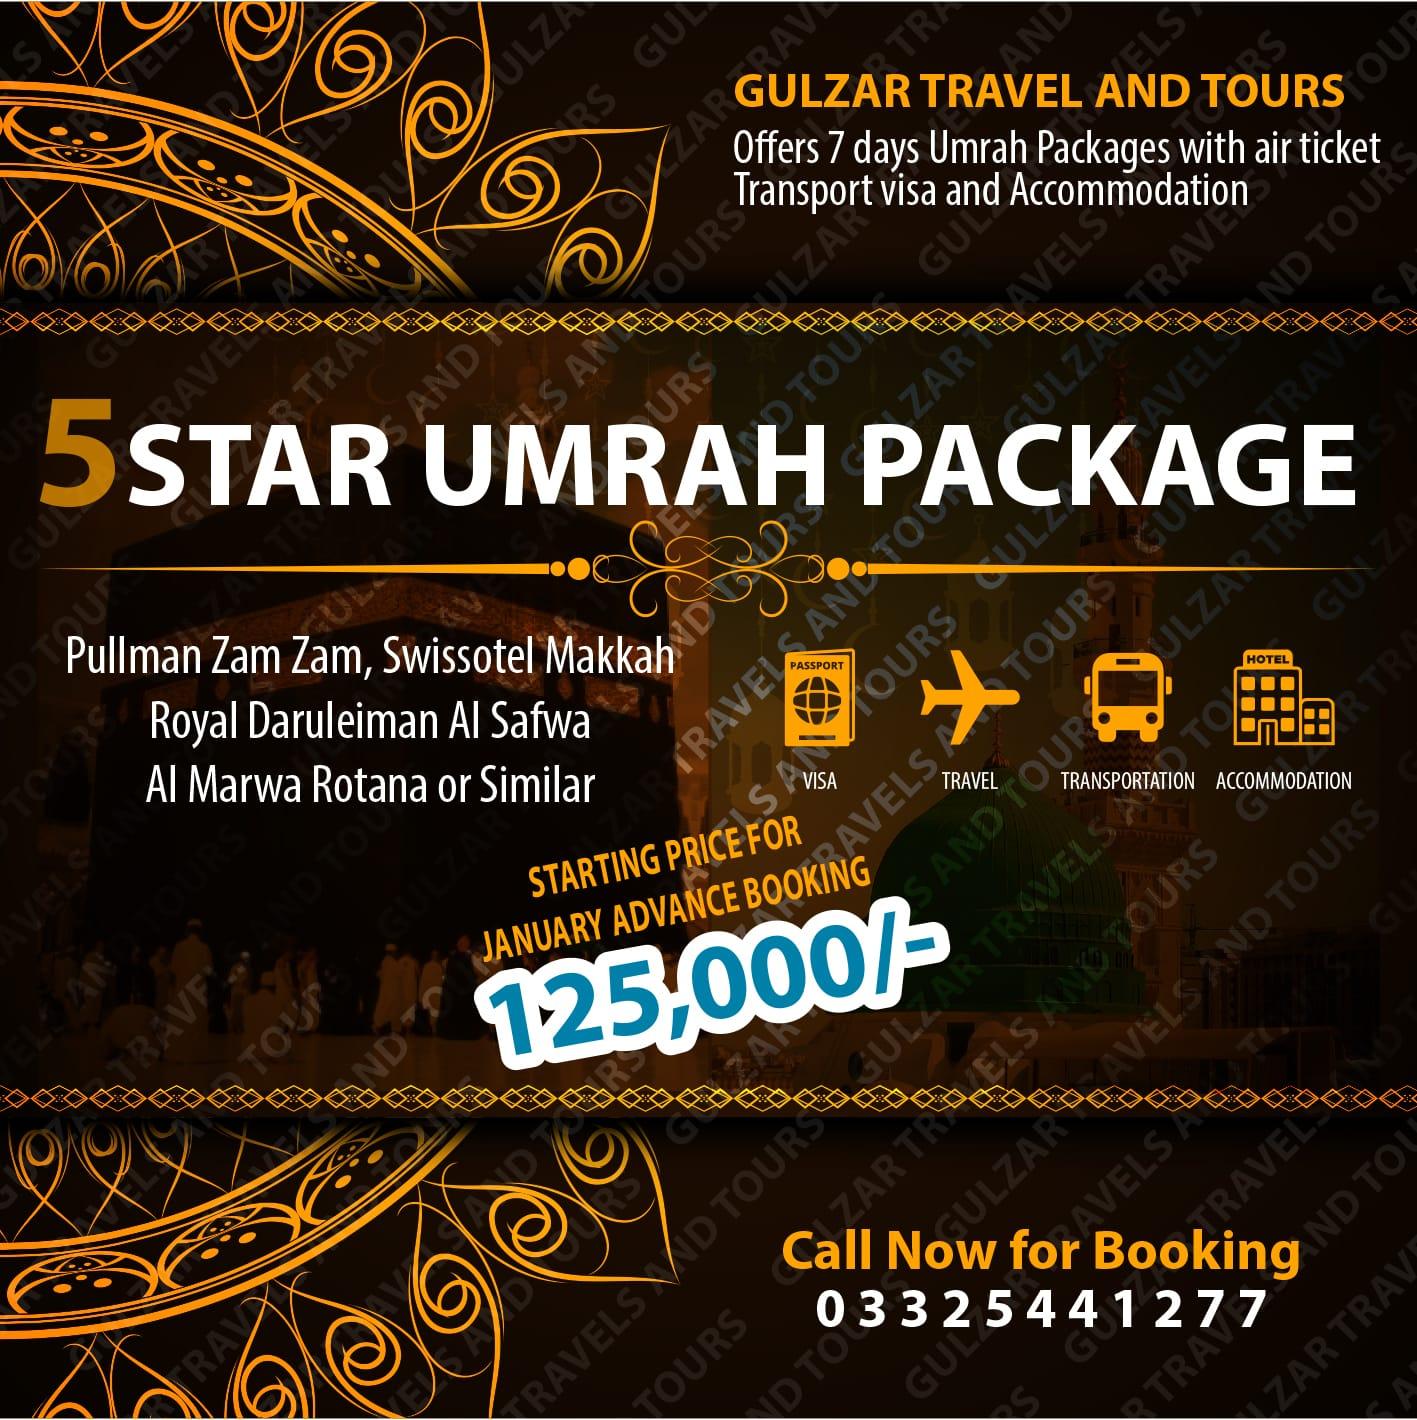 Umrah Banner: 5 Star Umrah Packages 2019 Islamabad Rawalpindi WahcCantt